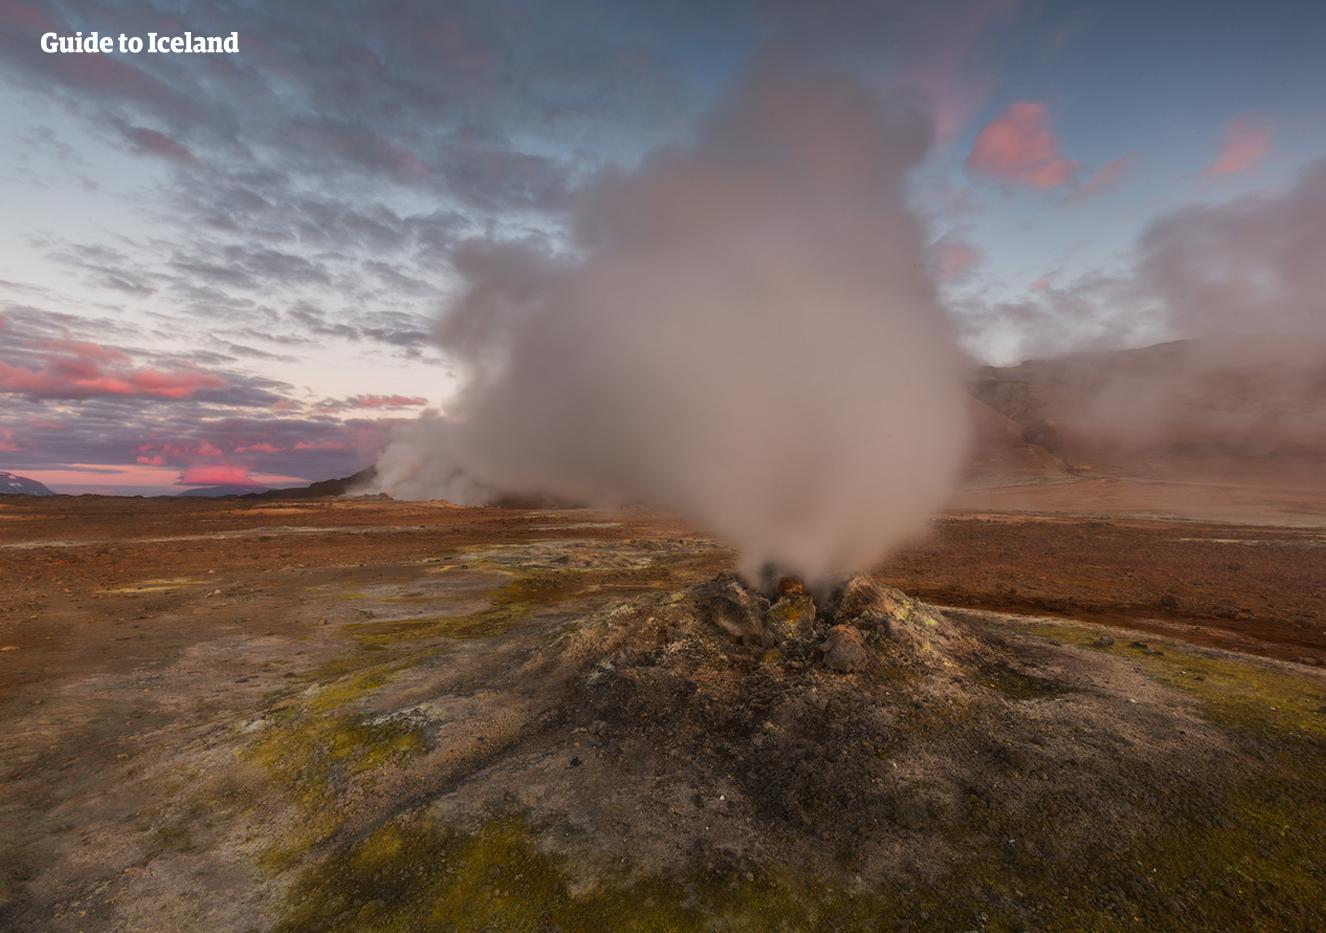 アイスランド北部の山岳地帯を進んでいくと、巨大な滝、デッティフォスが現れる。